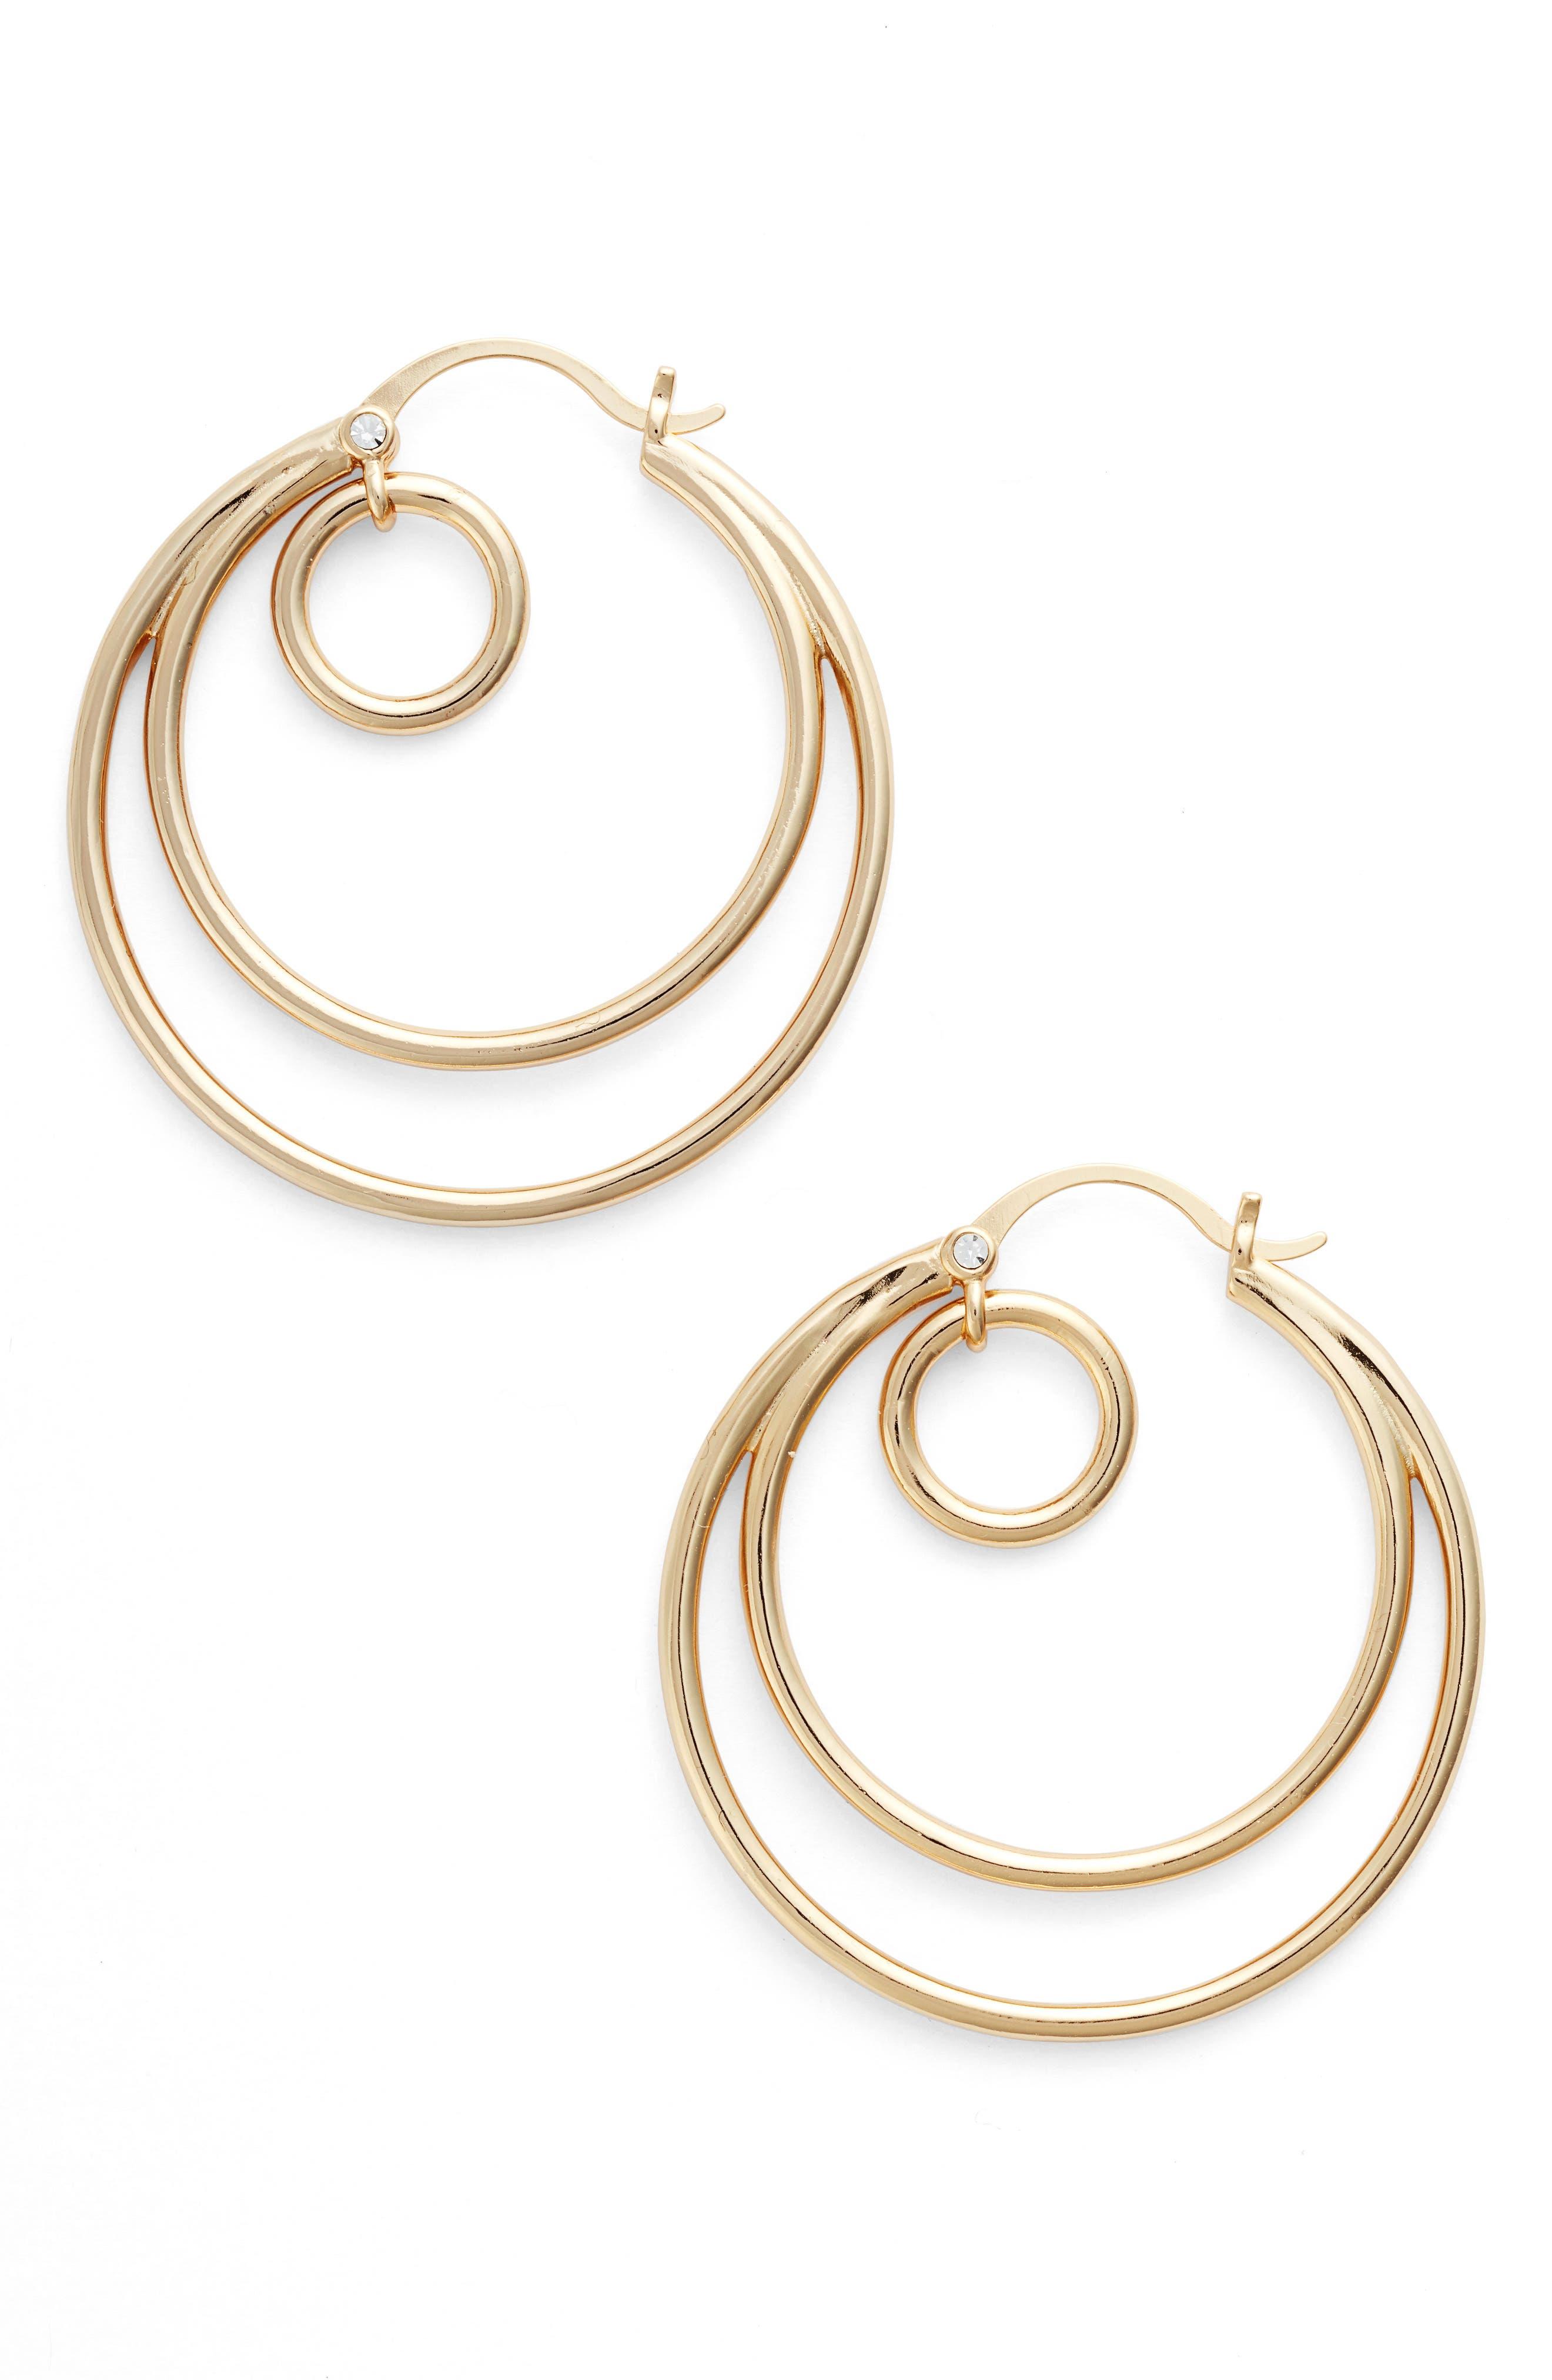 Alternate Image 1 Selected - Jules Smith Galaxy Hoop Earrings